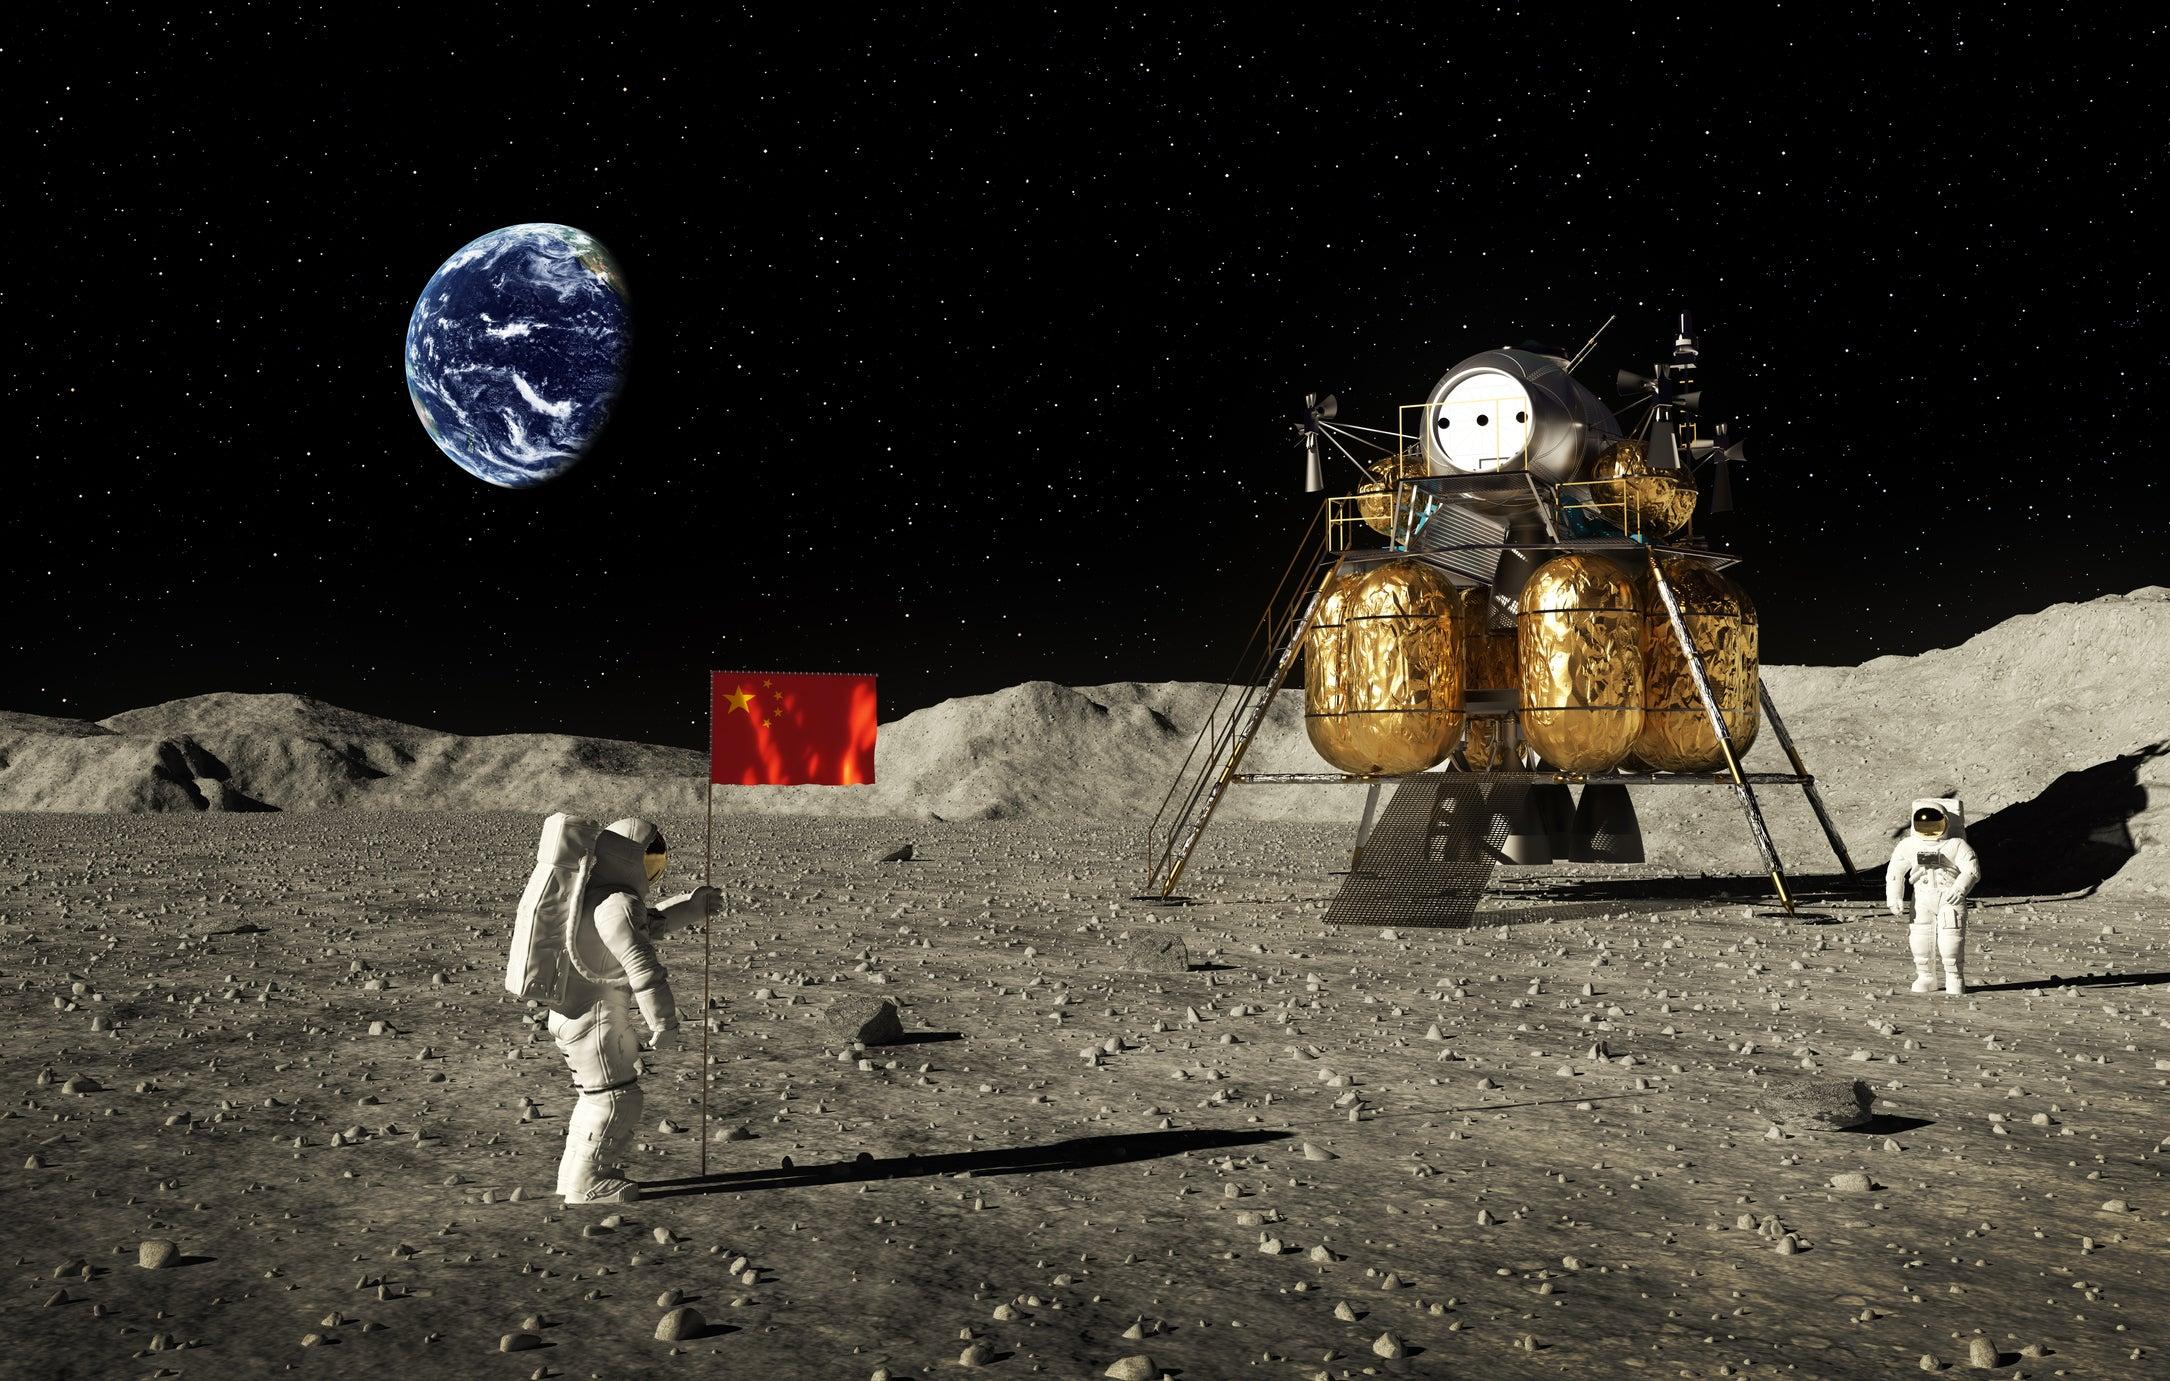 如果宇航员不小心掉进了外太空,会经历什么?他们还能存活吗?